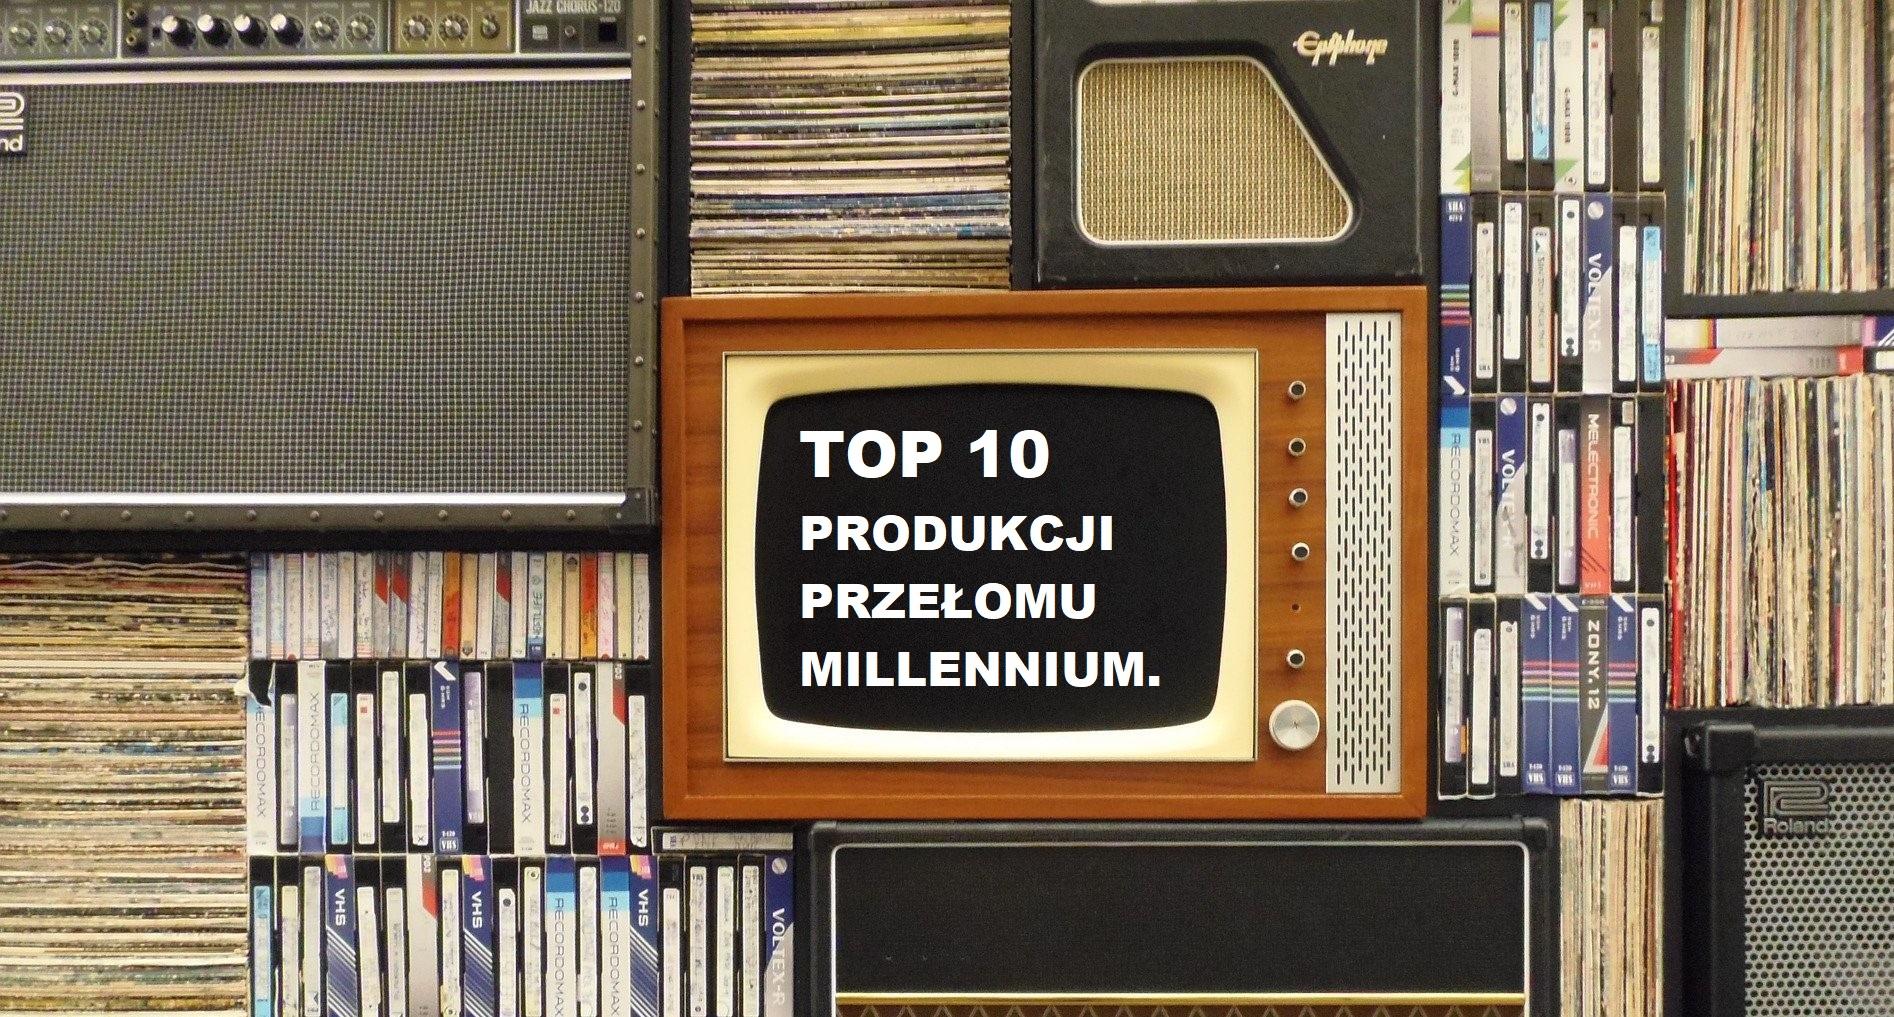 TOP 10 PRODUKCJI PRZEŁOMU MILLENNIUM.